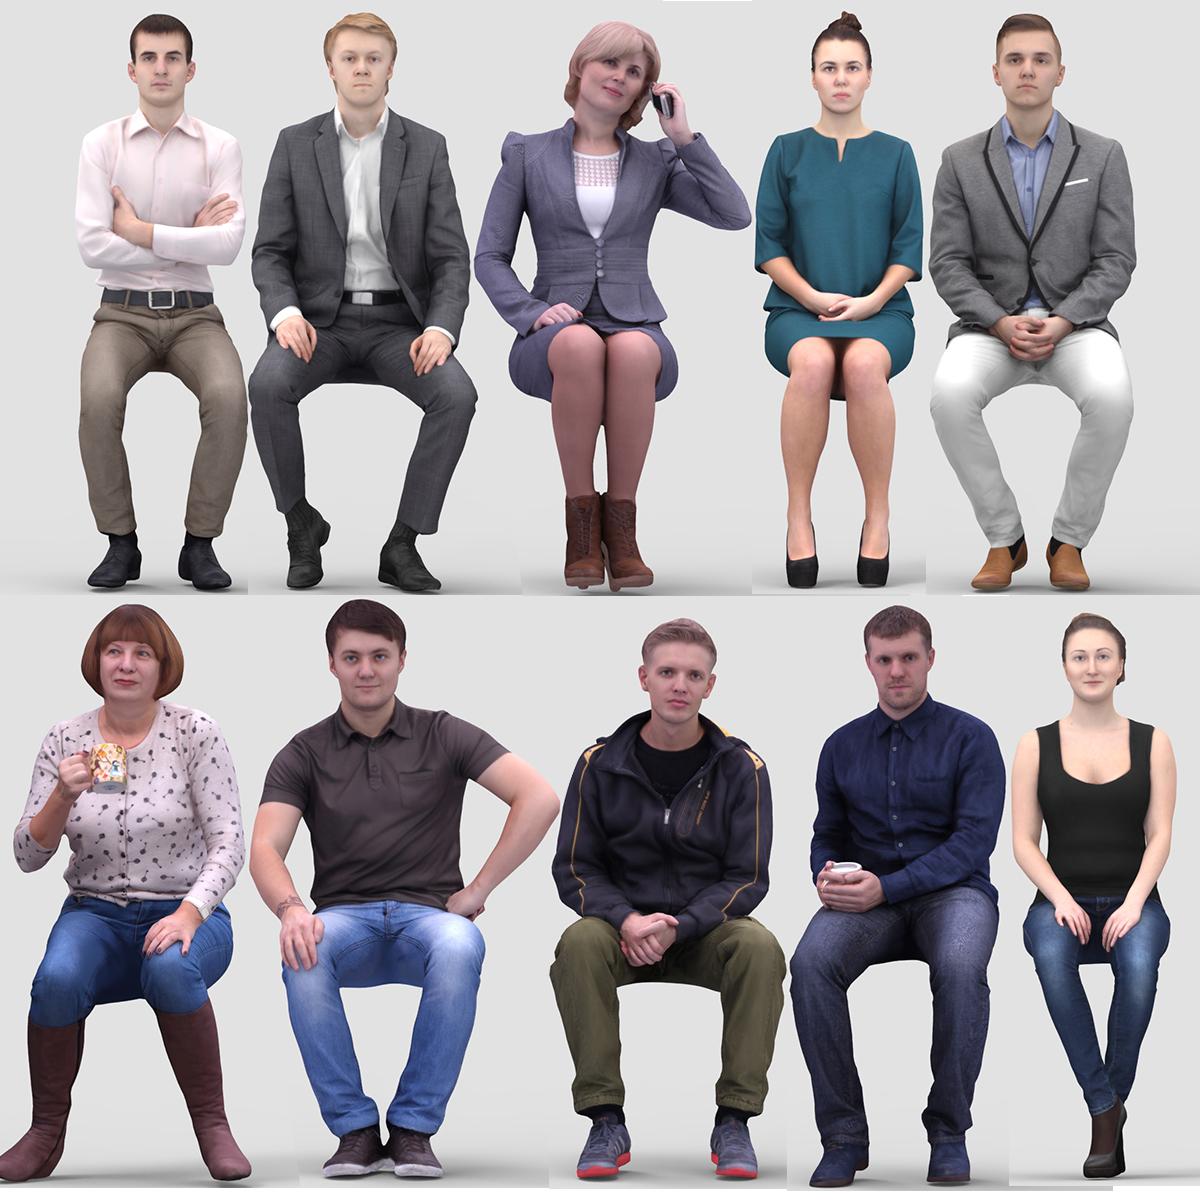 Foto Persone Sedute.Vol Umano Modello 3d 1 Persone Sedute